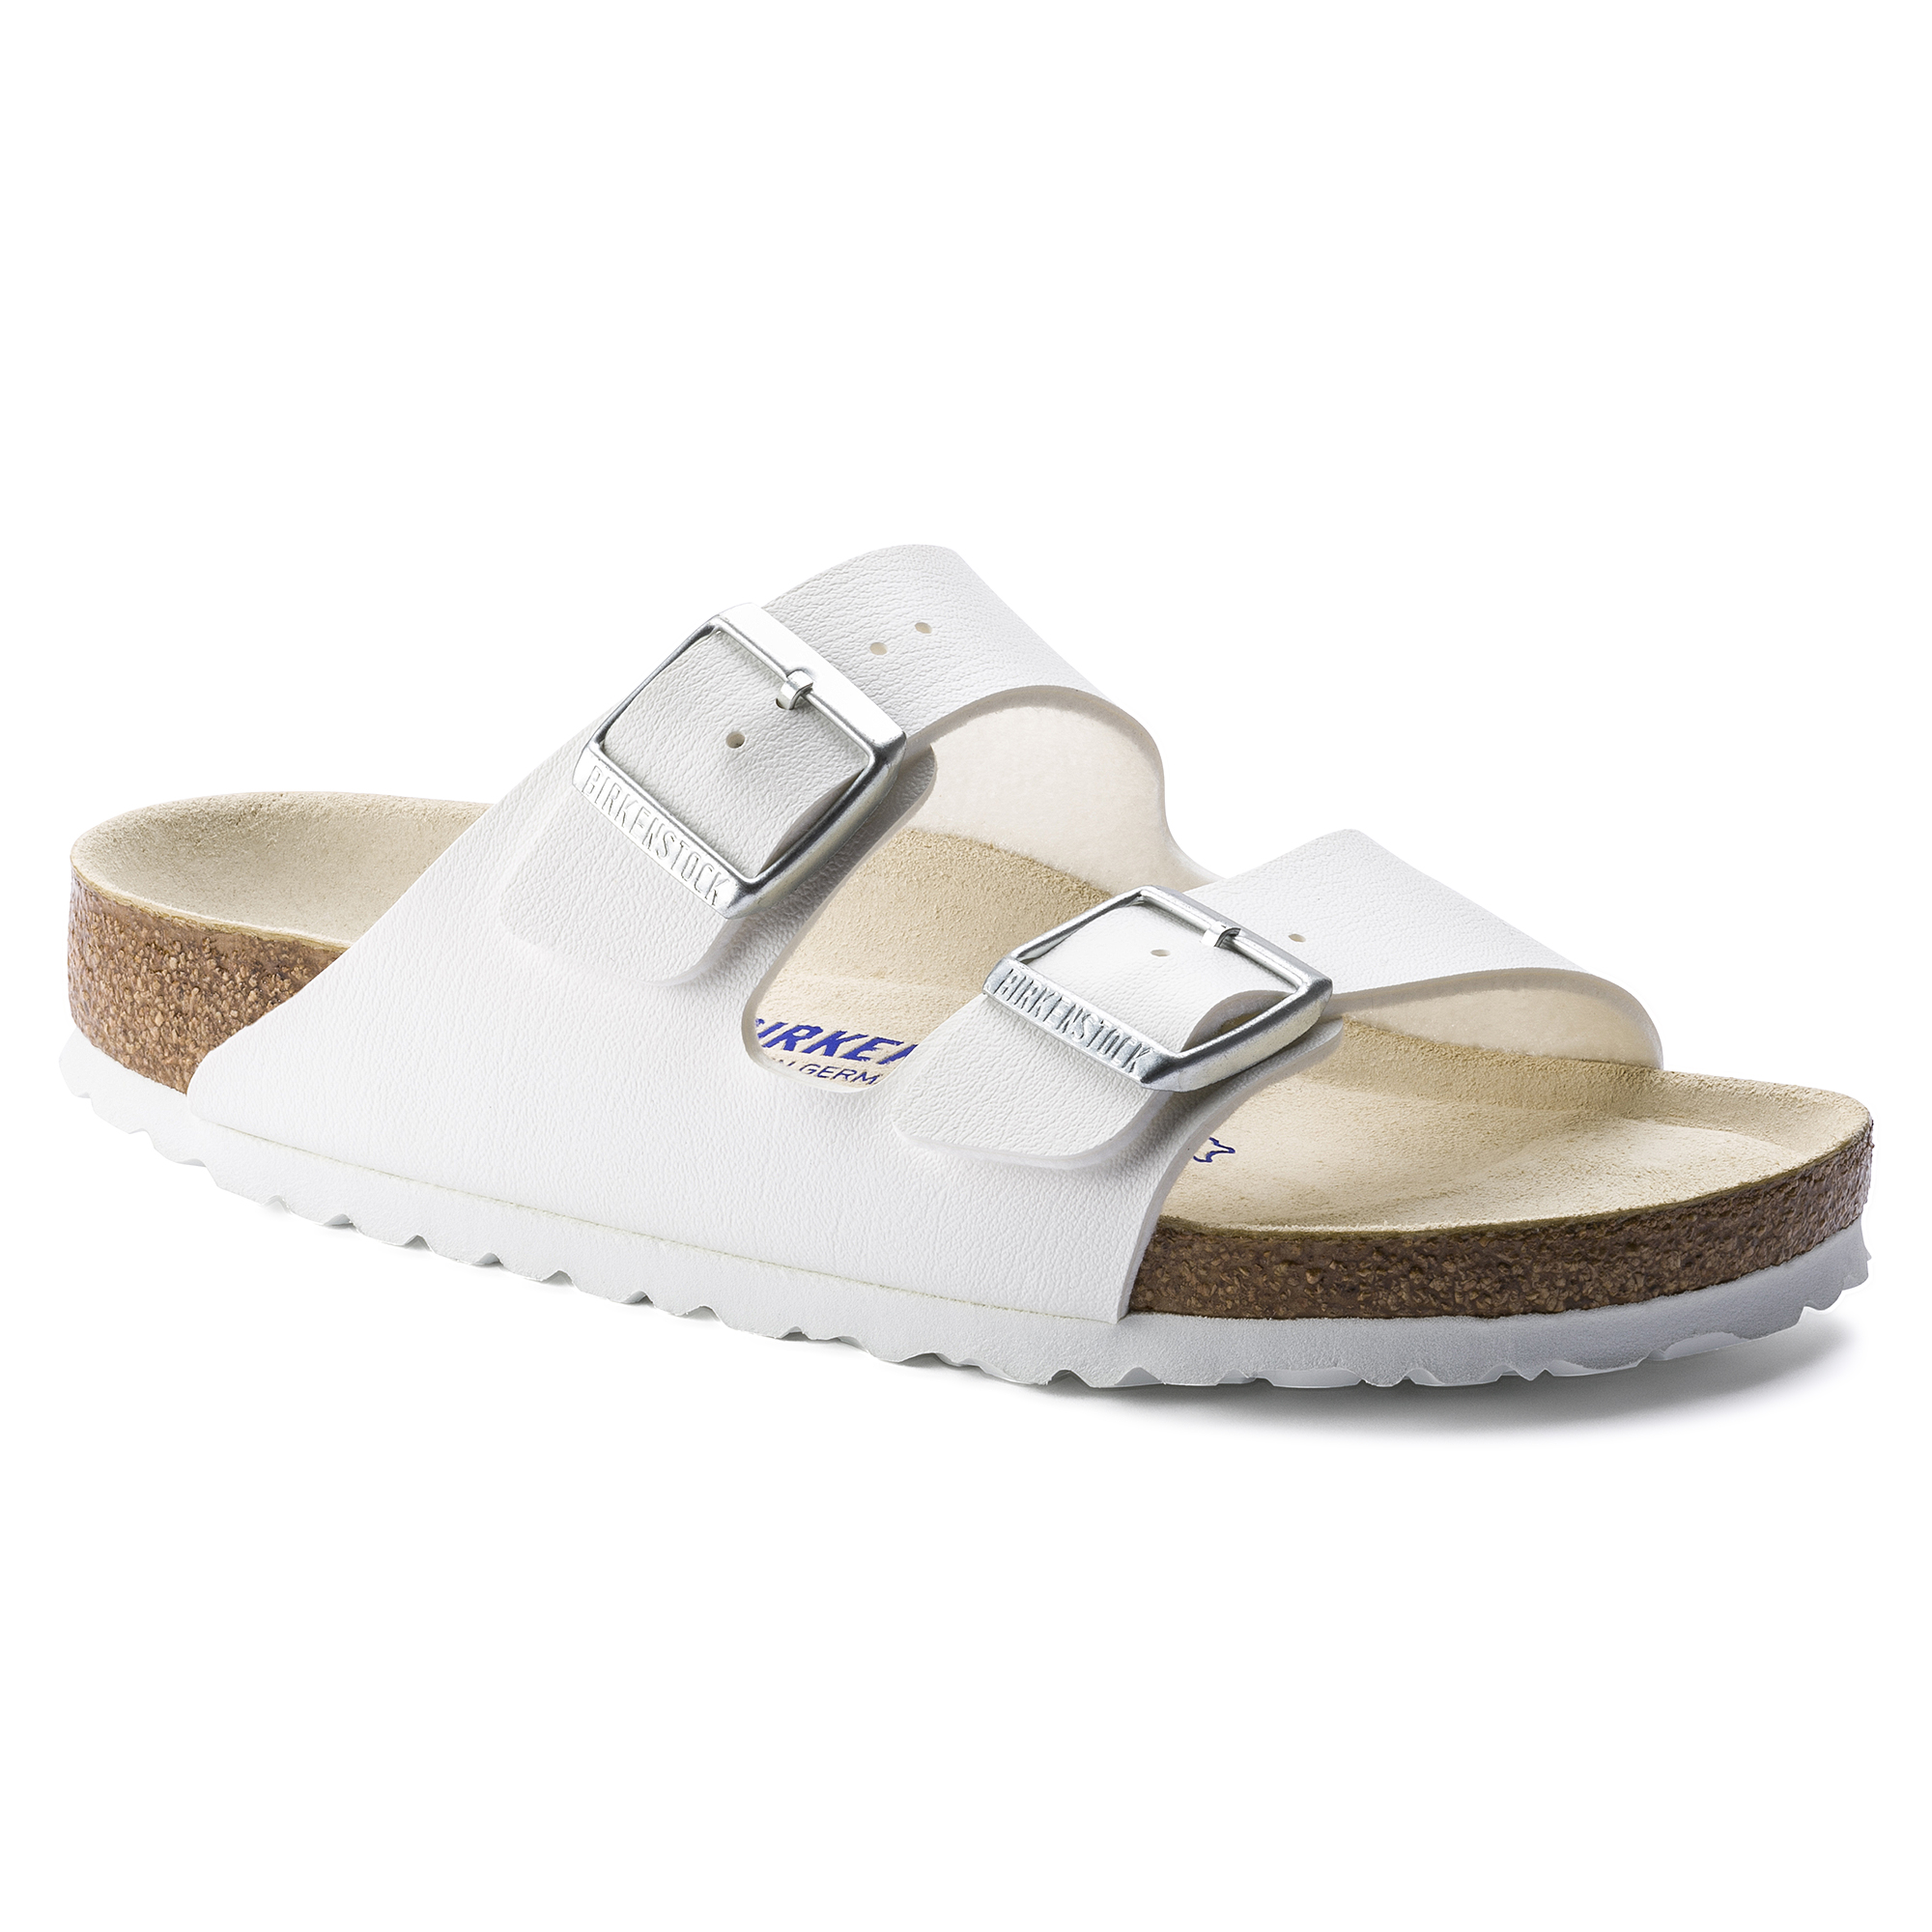 5f2113b6a51 ... Soft Footbed White. Arizona Birko-Flor Weiß ...